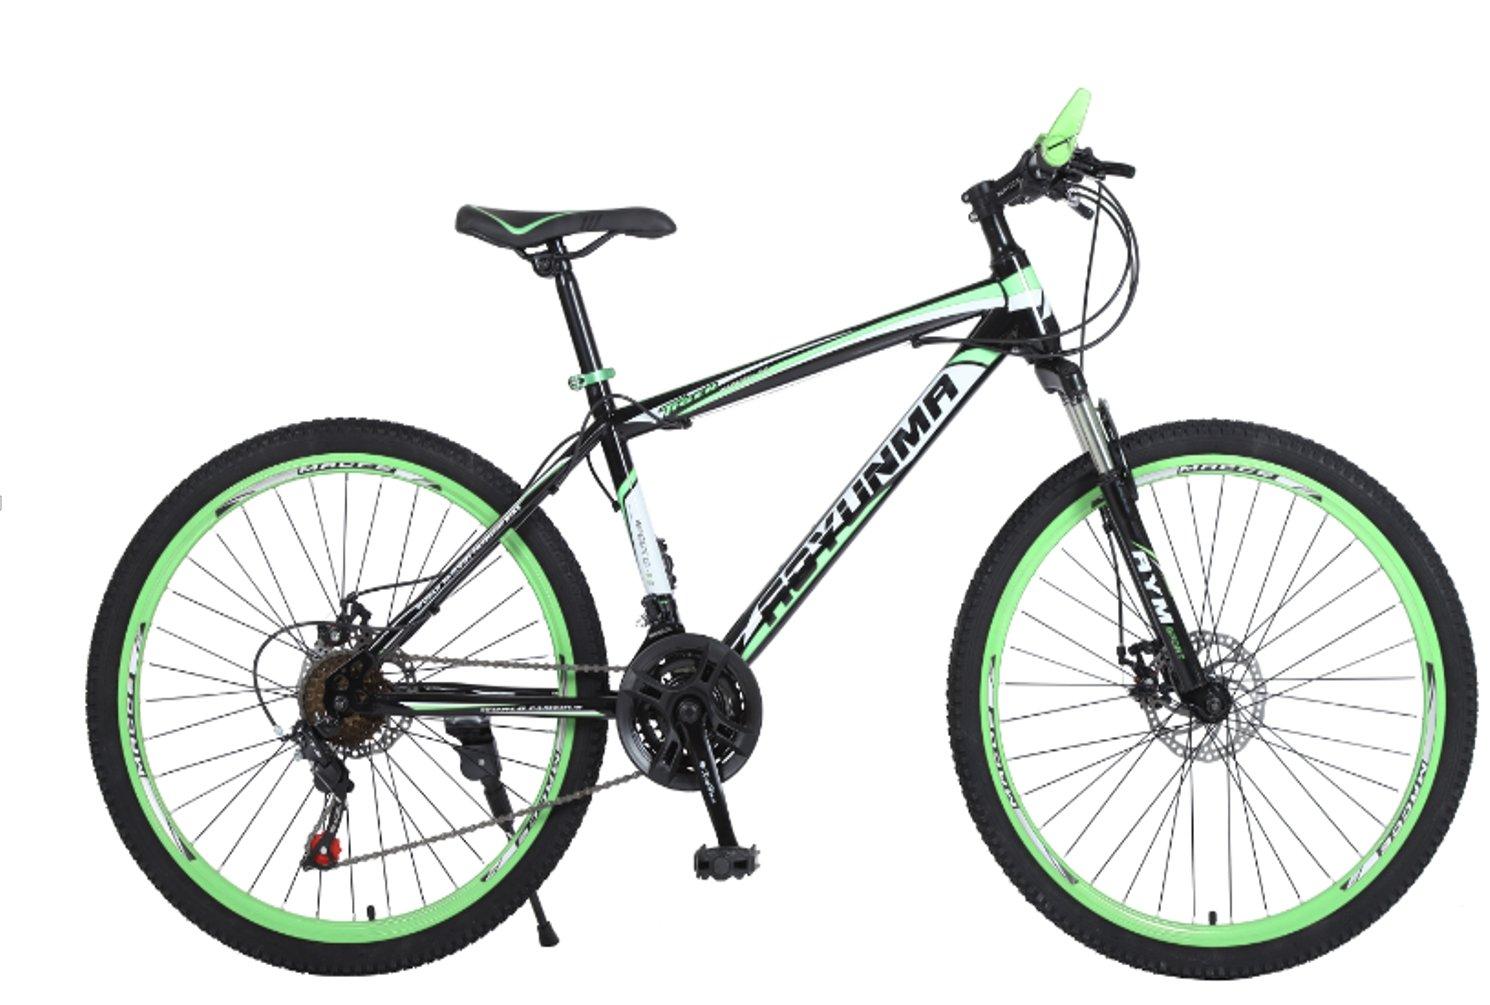 24-inch 26-inch Leopard black green spoke wheel mountain bike 21, 24, 27 speed